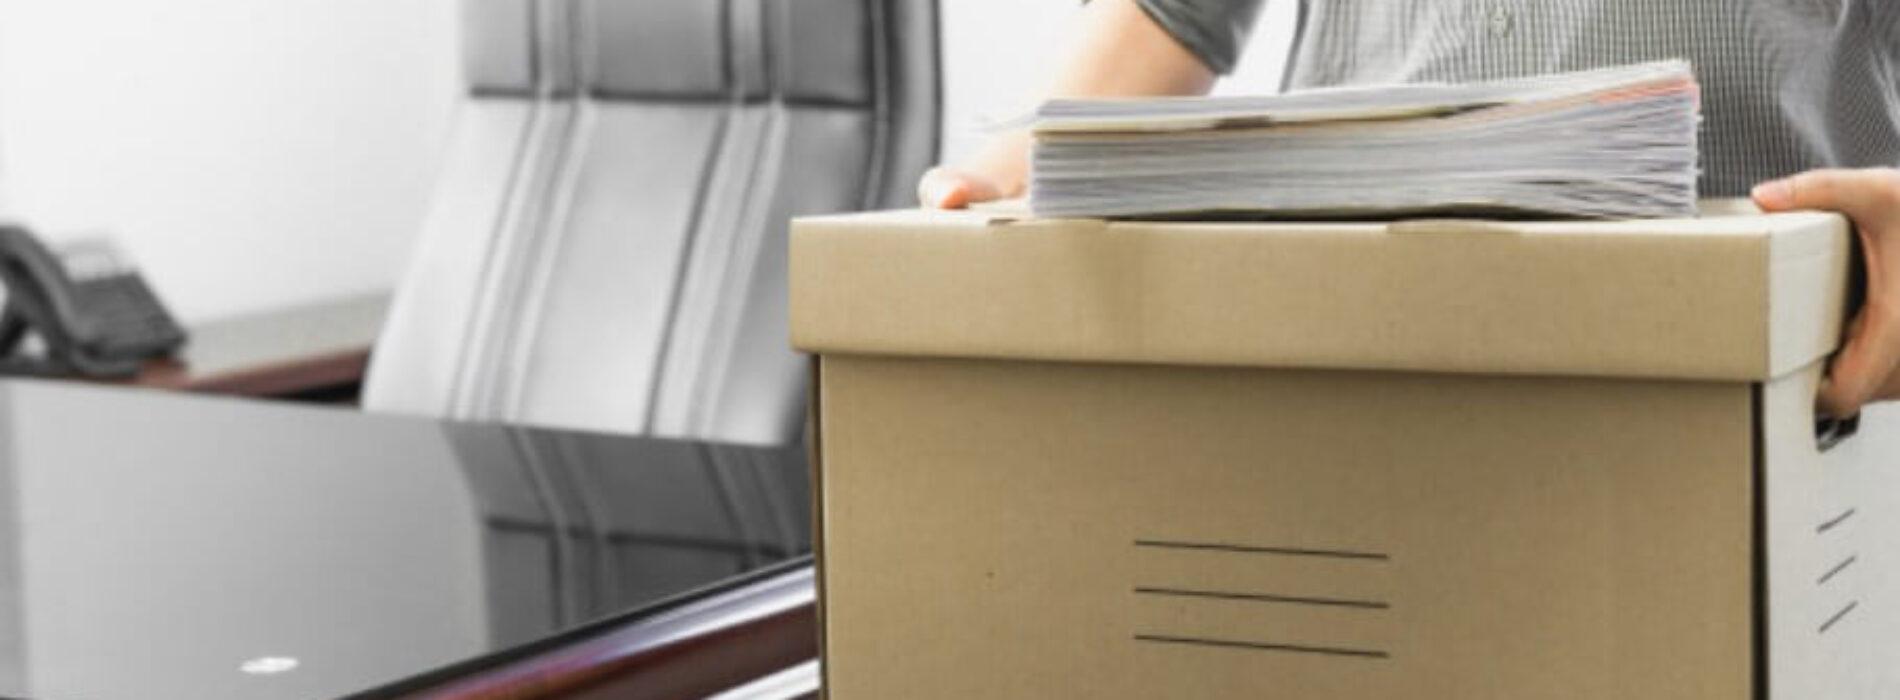 Wypowiedzenie umowy o pracę – jak je napisać | pobierz wzór